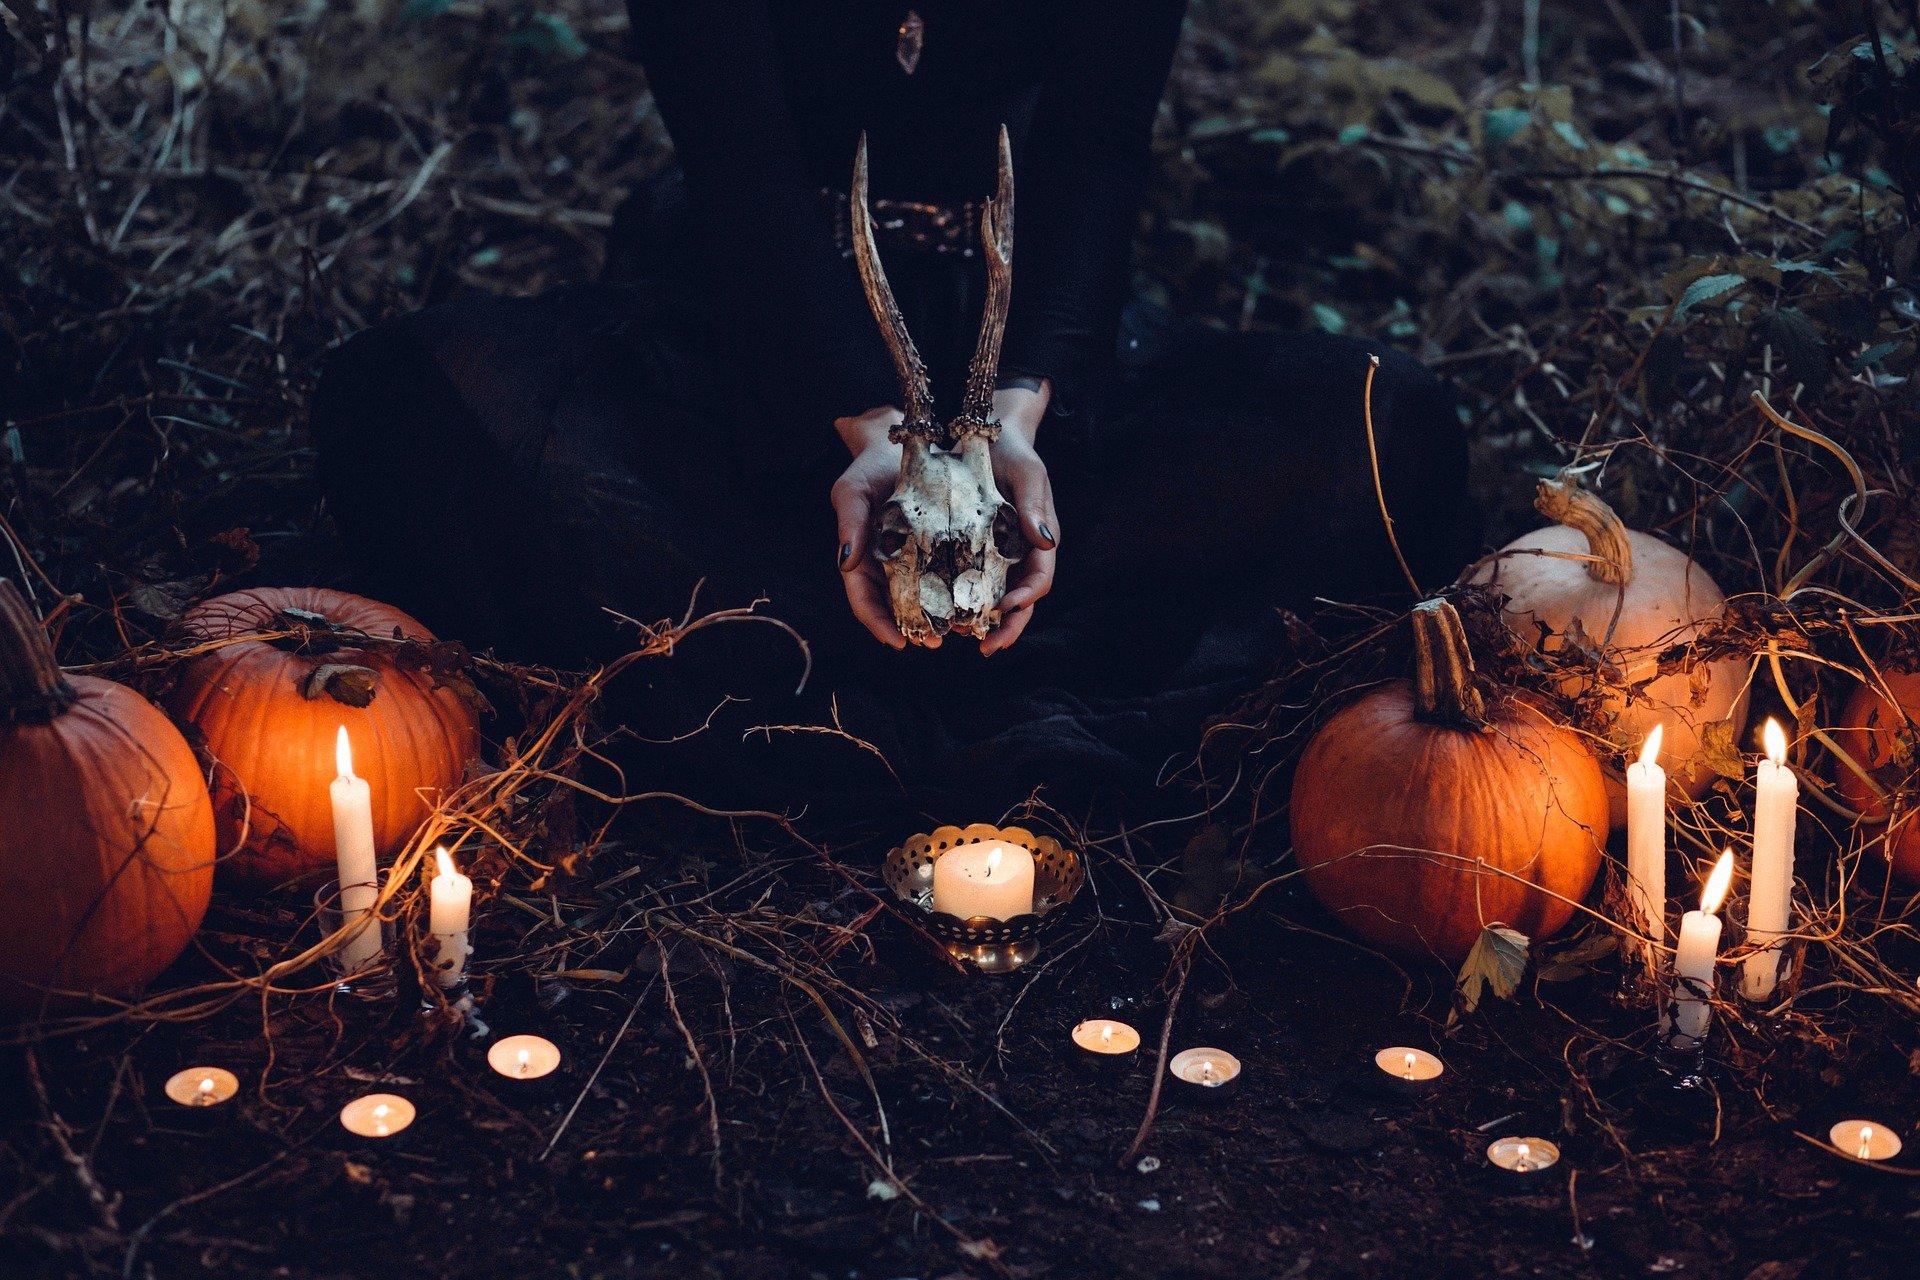 お盆の夜に行われる謎の儀式と必ず出会う蛇の正体